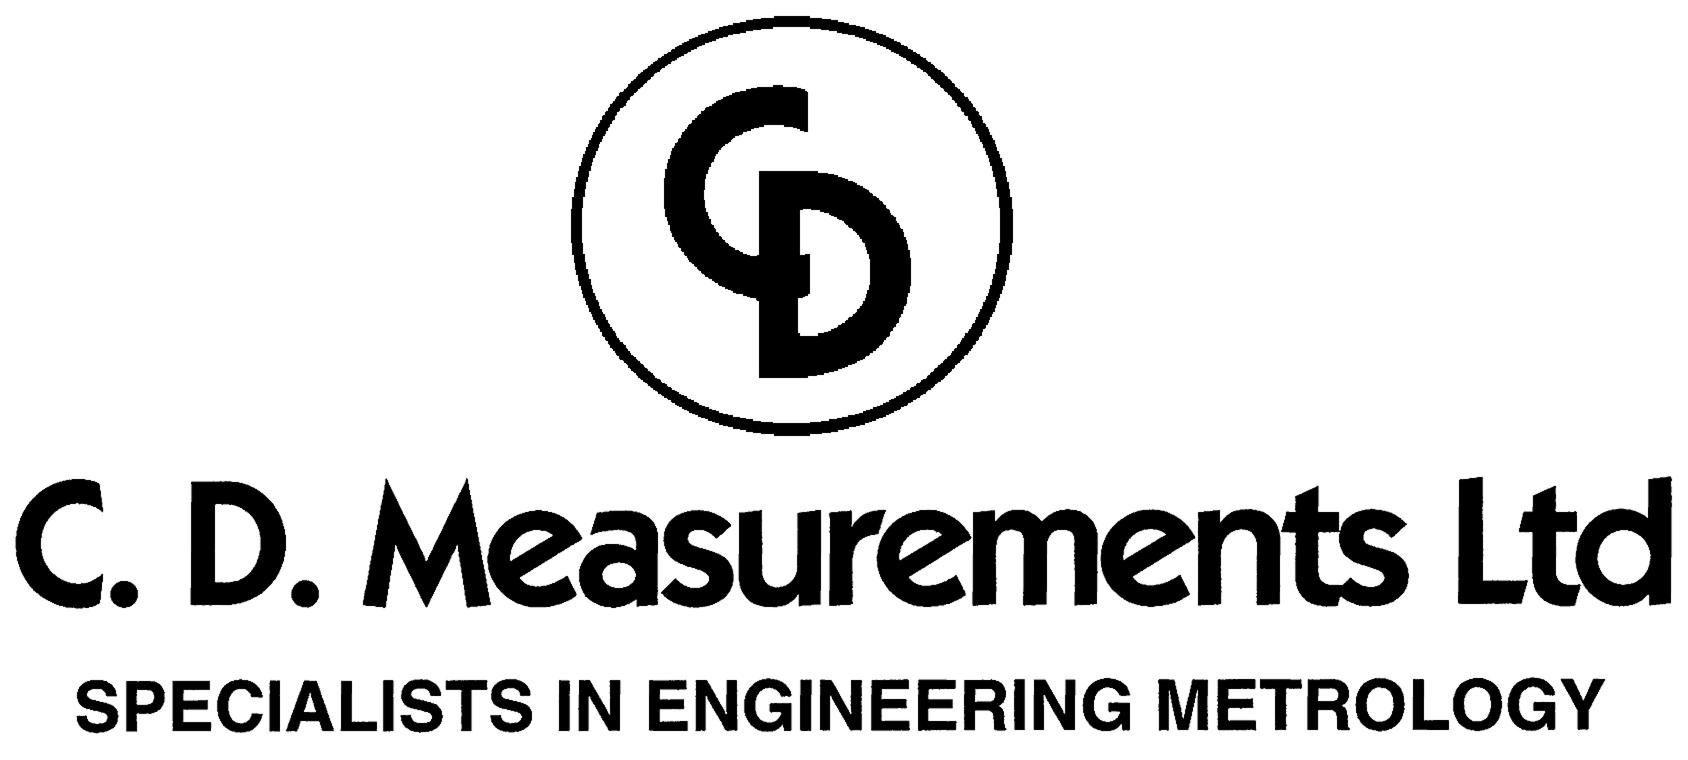 C.D. MEASUREMENTS LIMITED